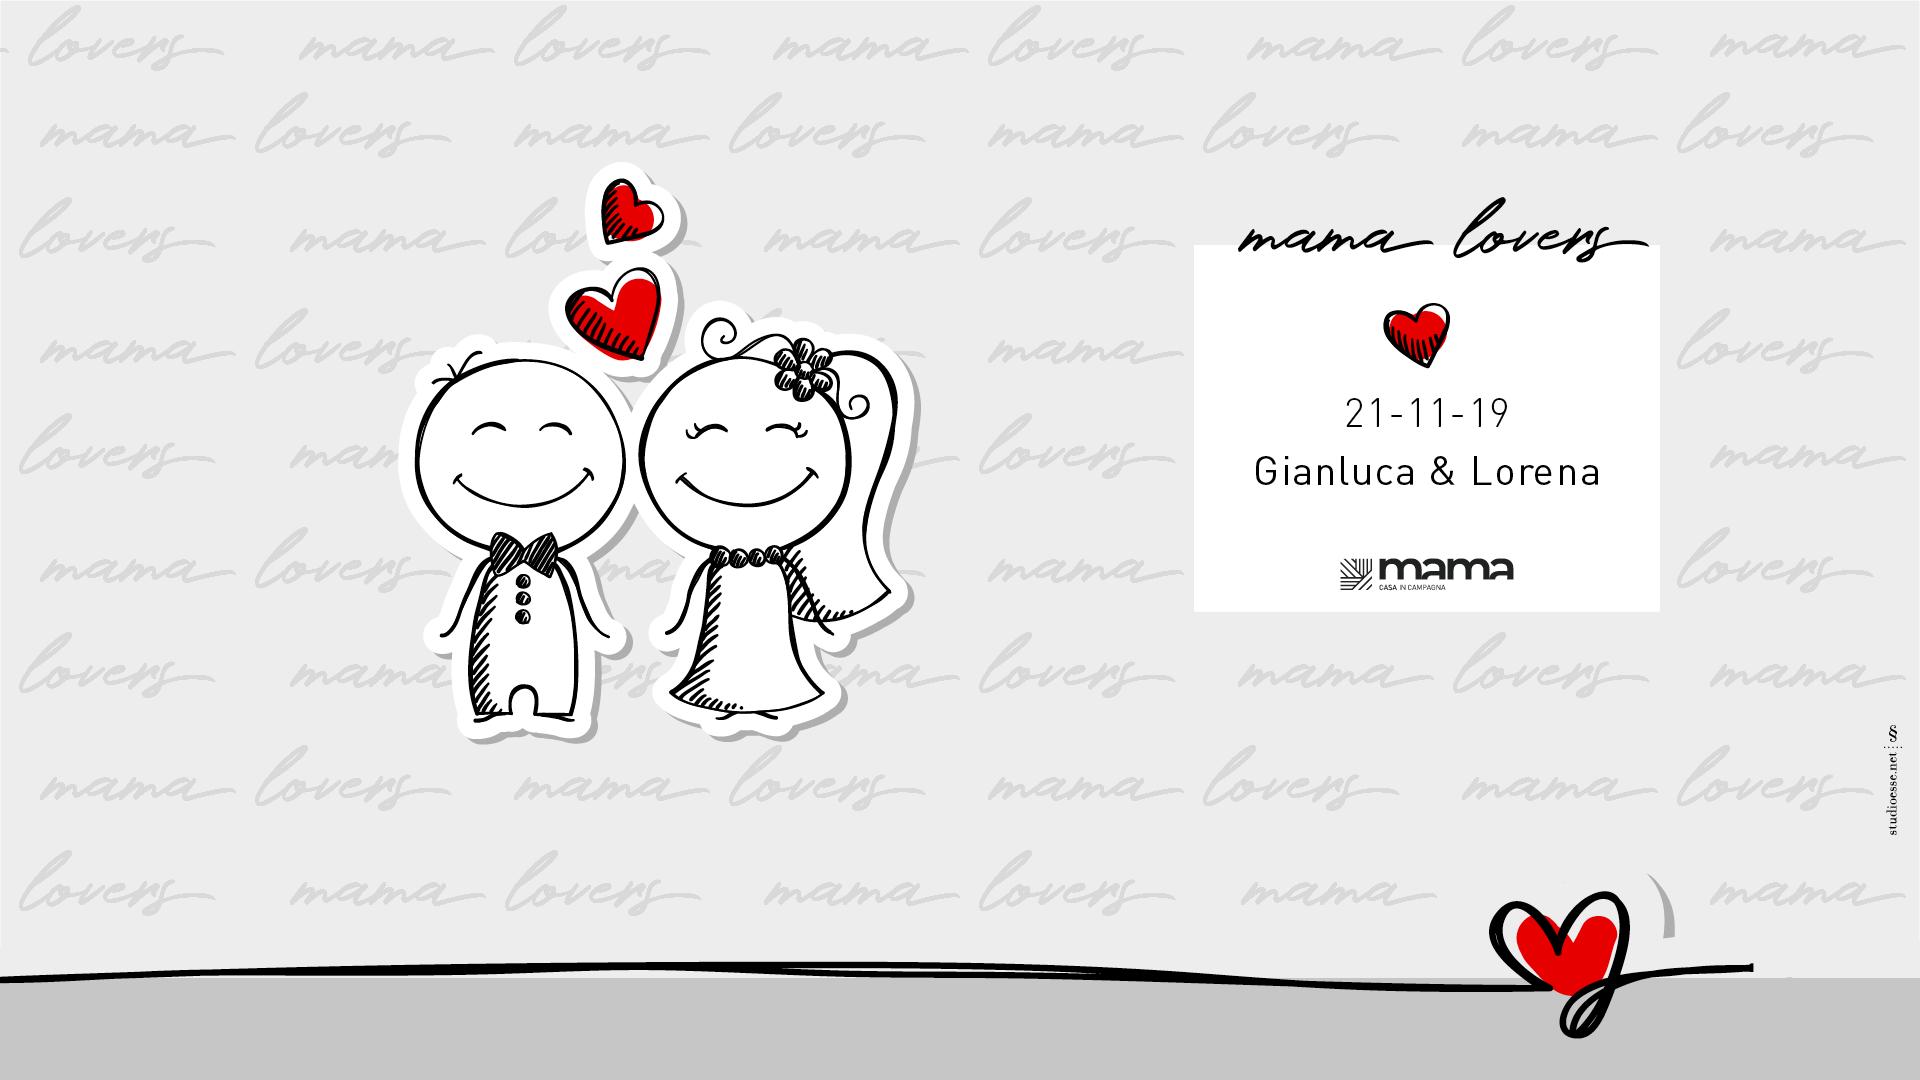 Storie di Mama, il matrimonio di Gianluca&Lorena